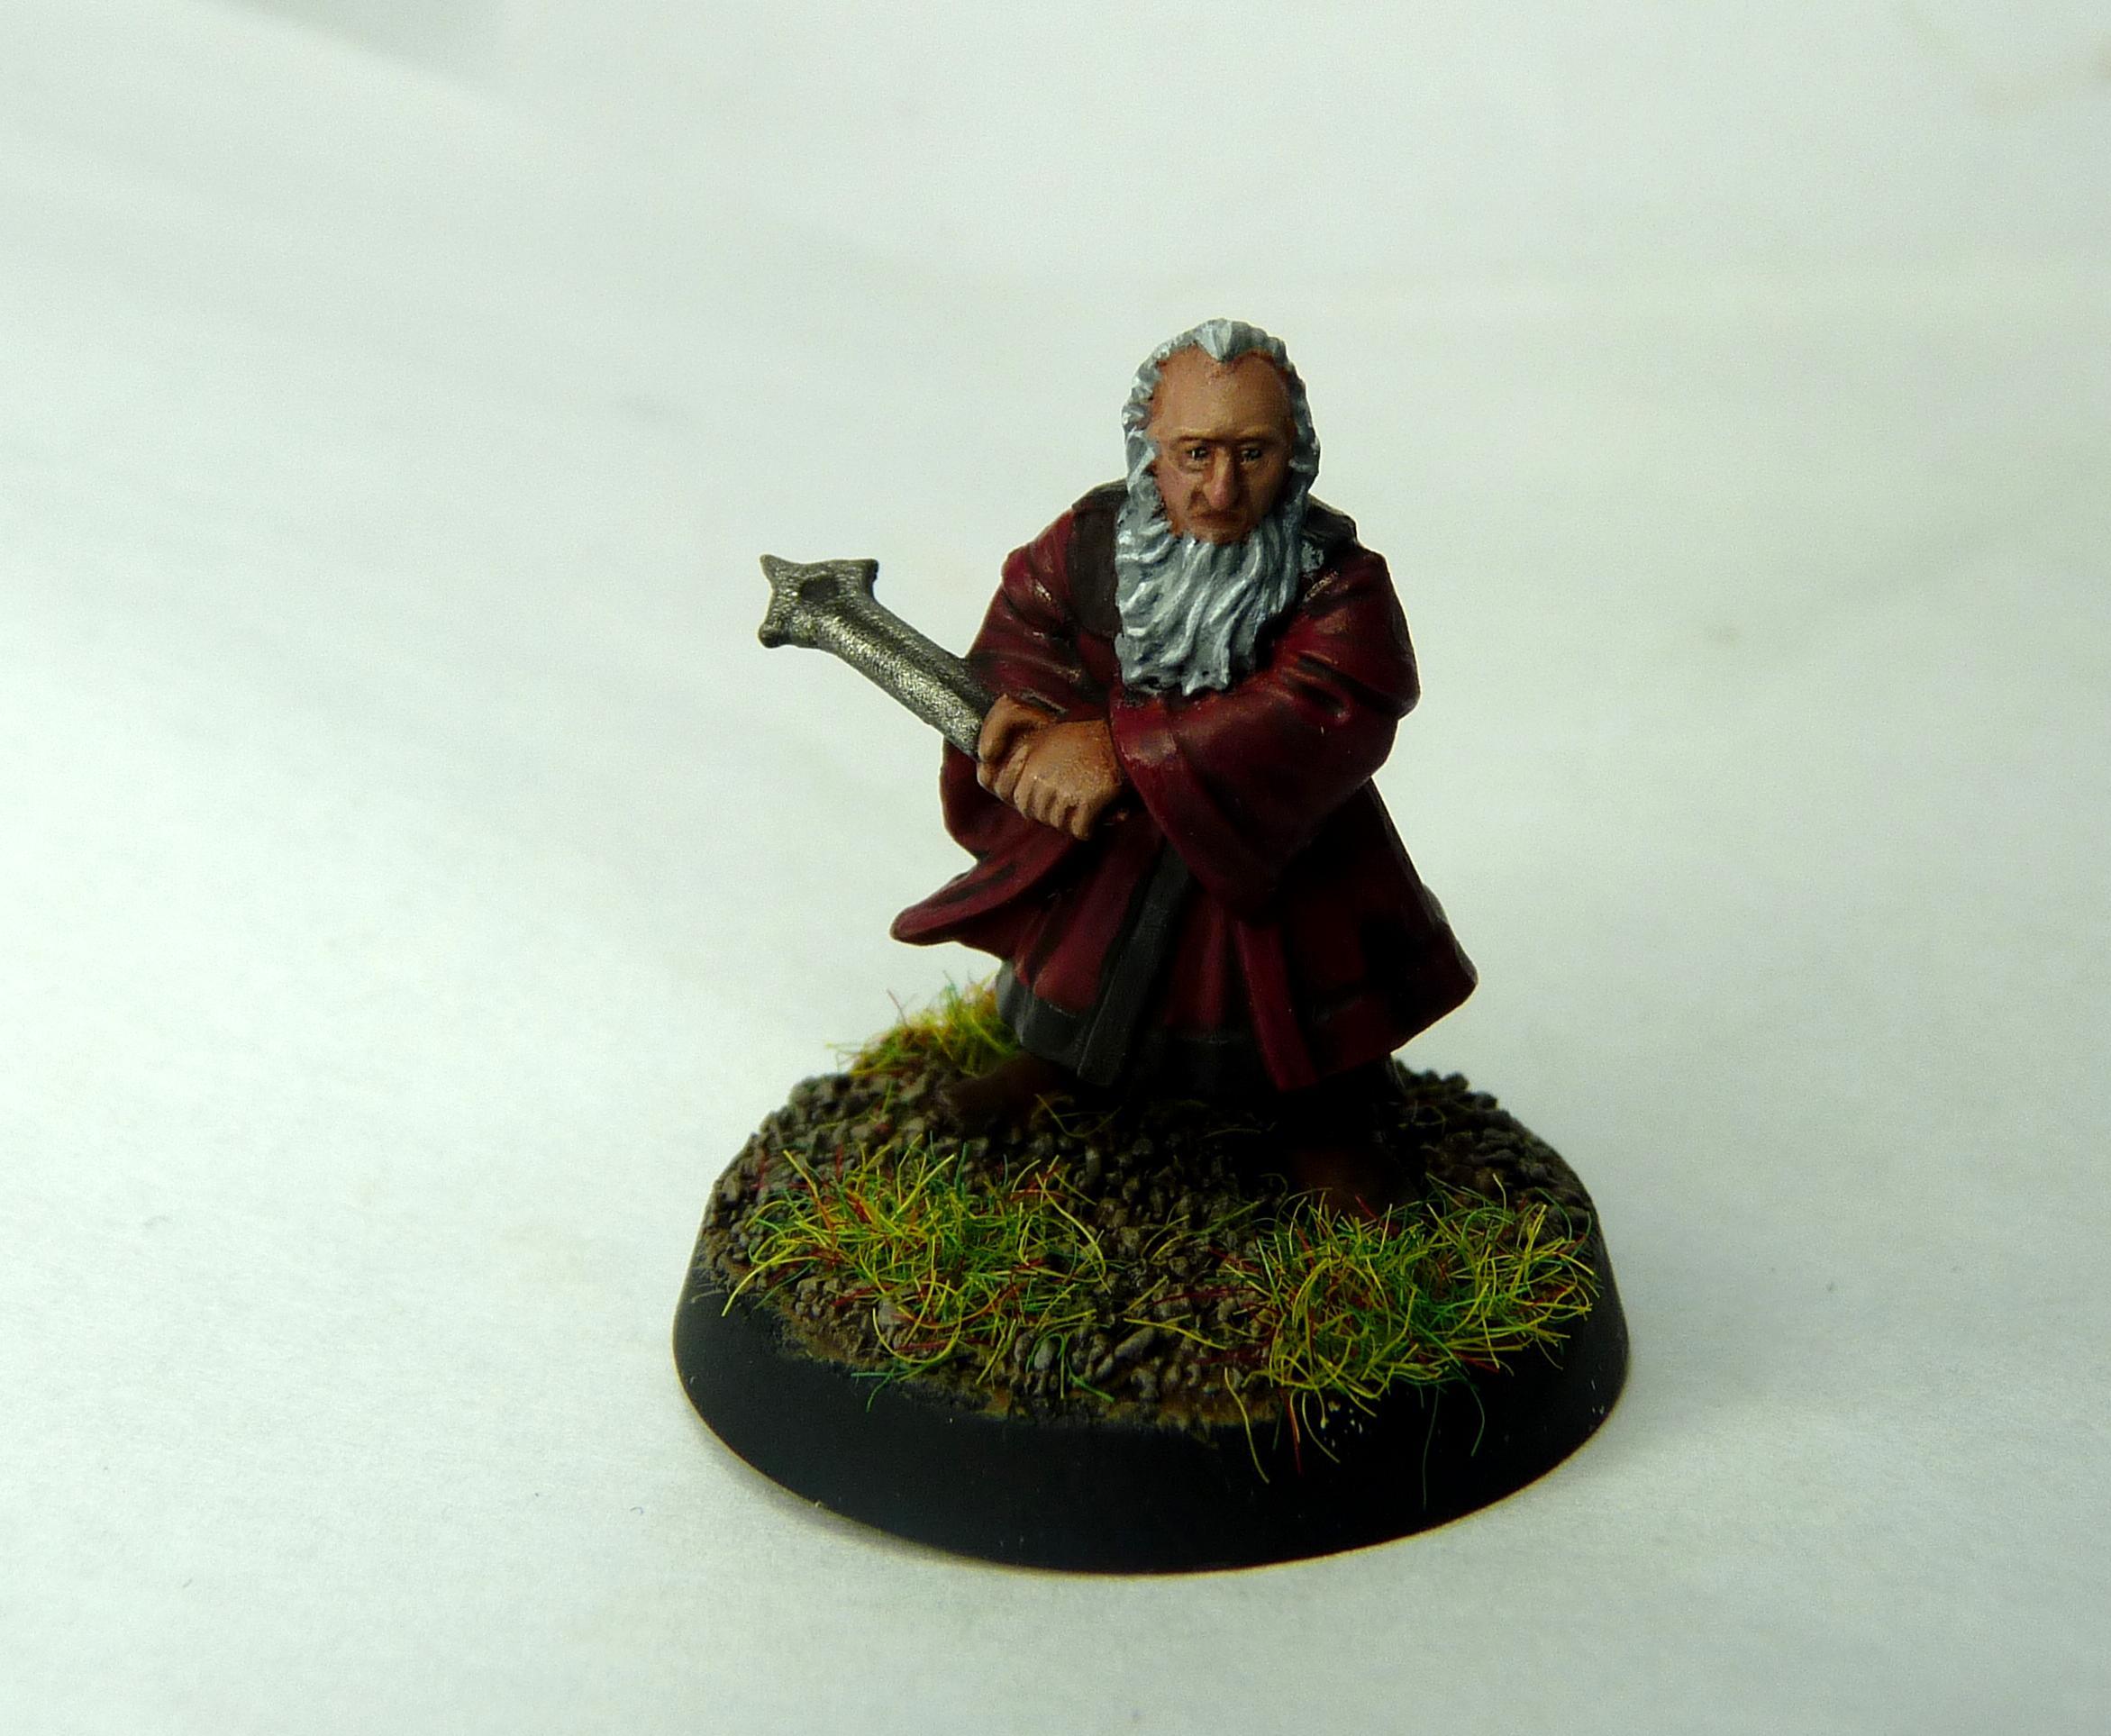 Balin, Dwarves, The Hobbit